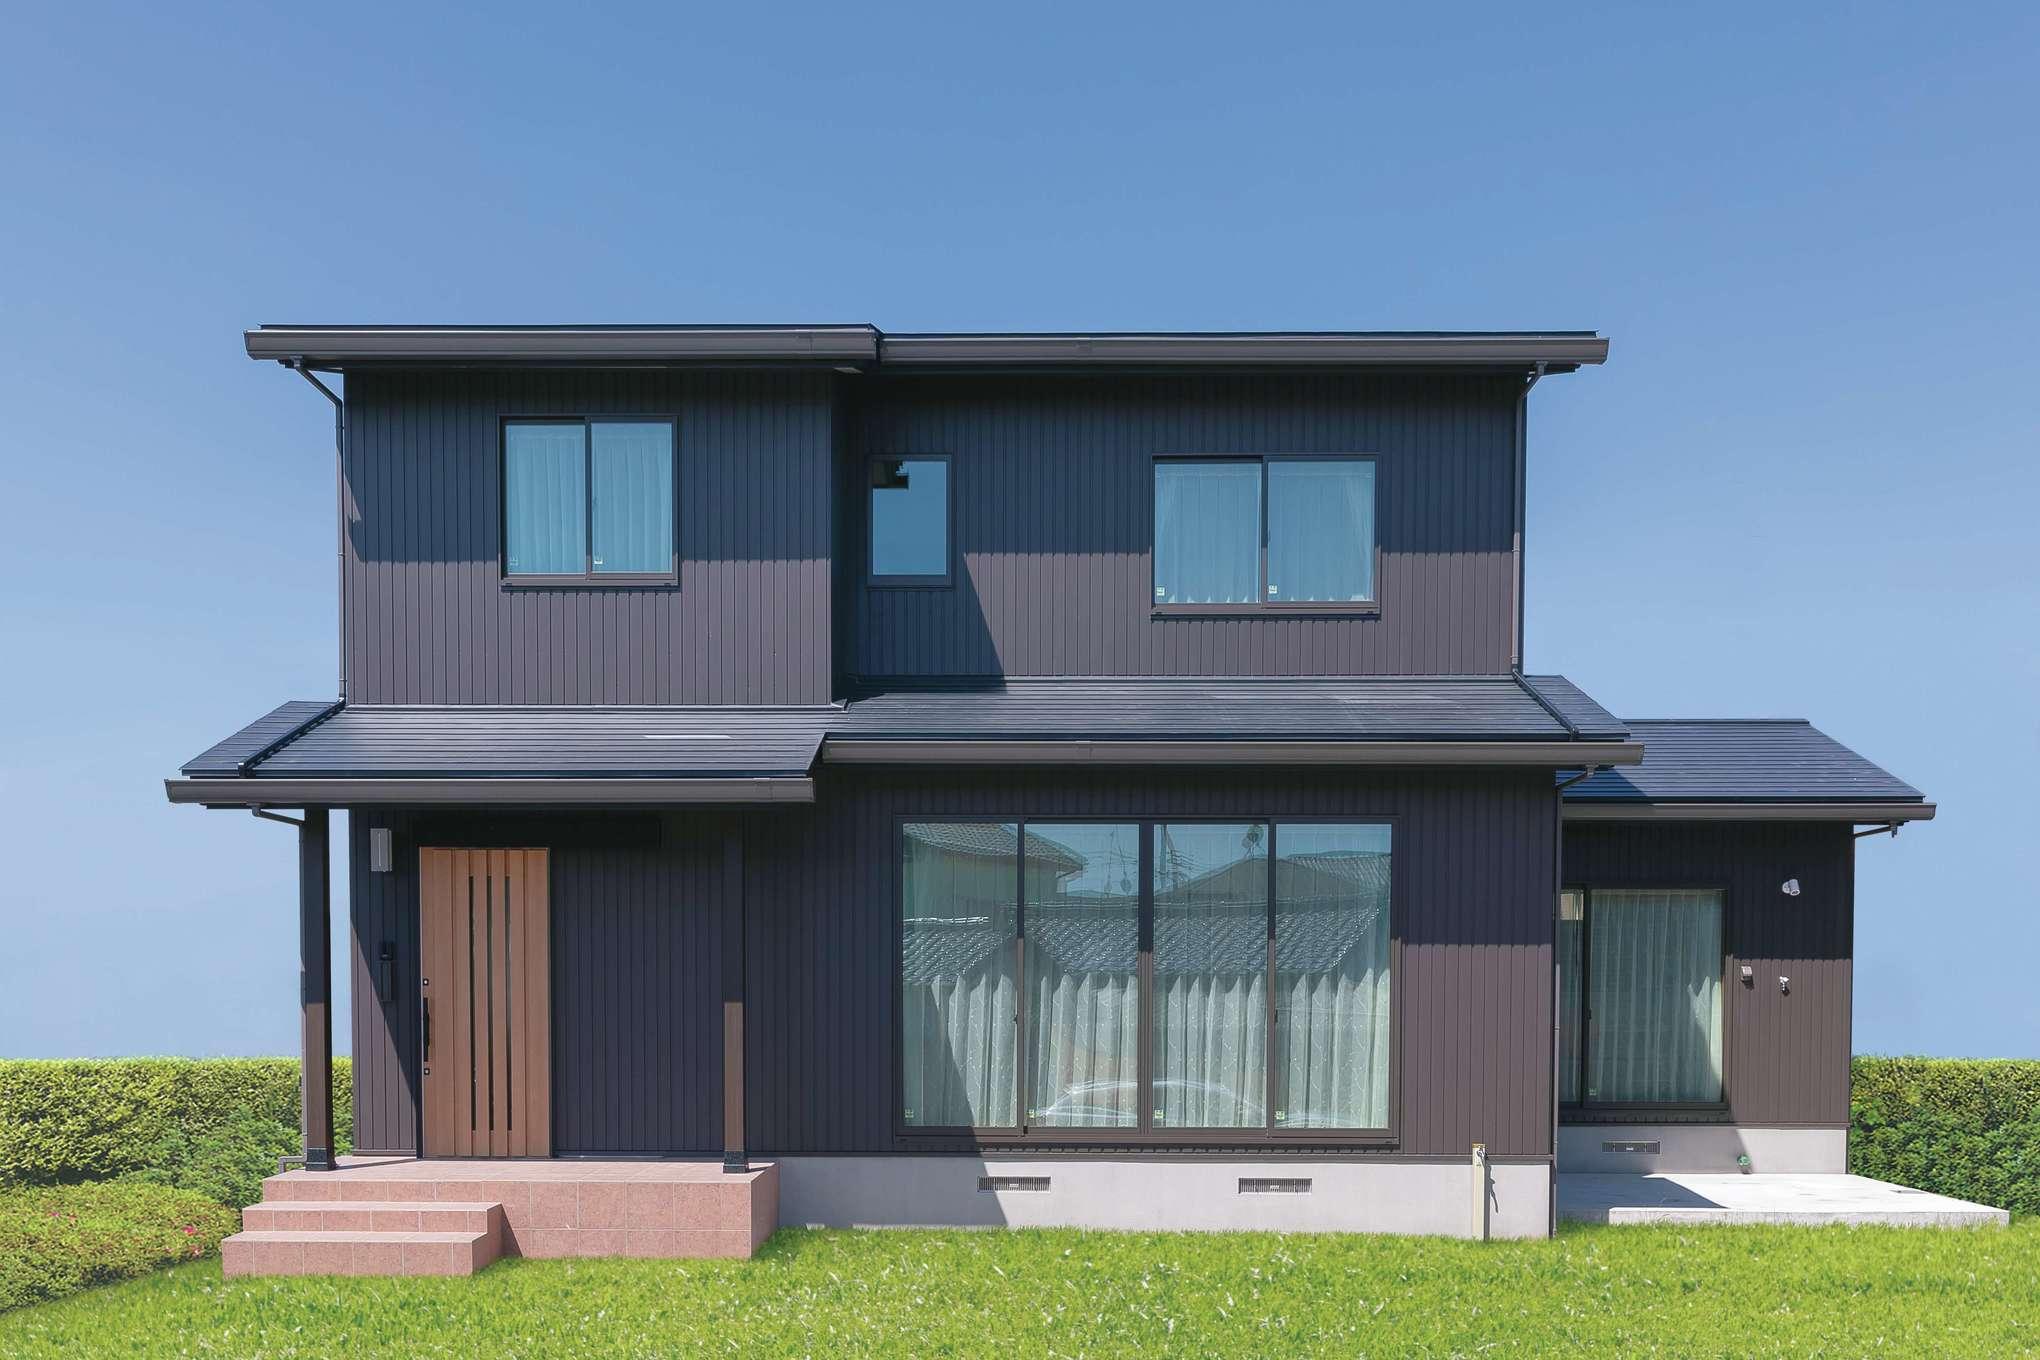 住まいるコーポレーション【デザイン住宅、和風、自然素材】ブラックの屋根とこげ茶の外壁を組み合わせたモダンな外観。『住まいる』ならではの頑強な基礎部分にも注目